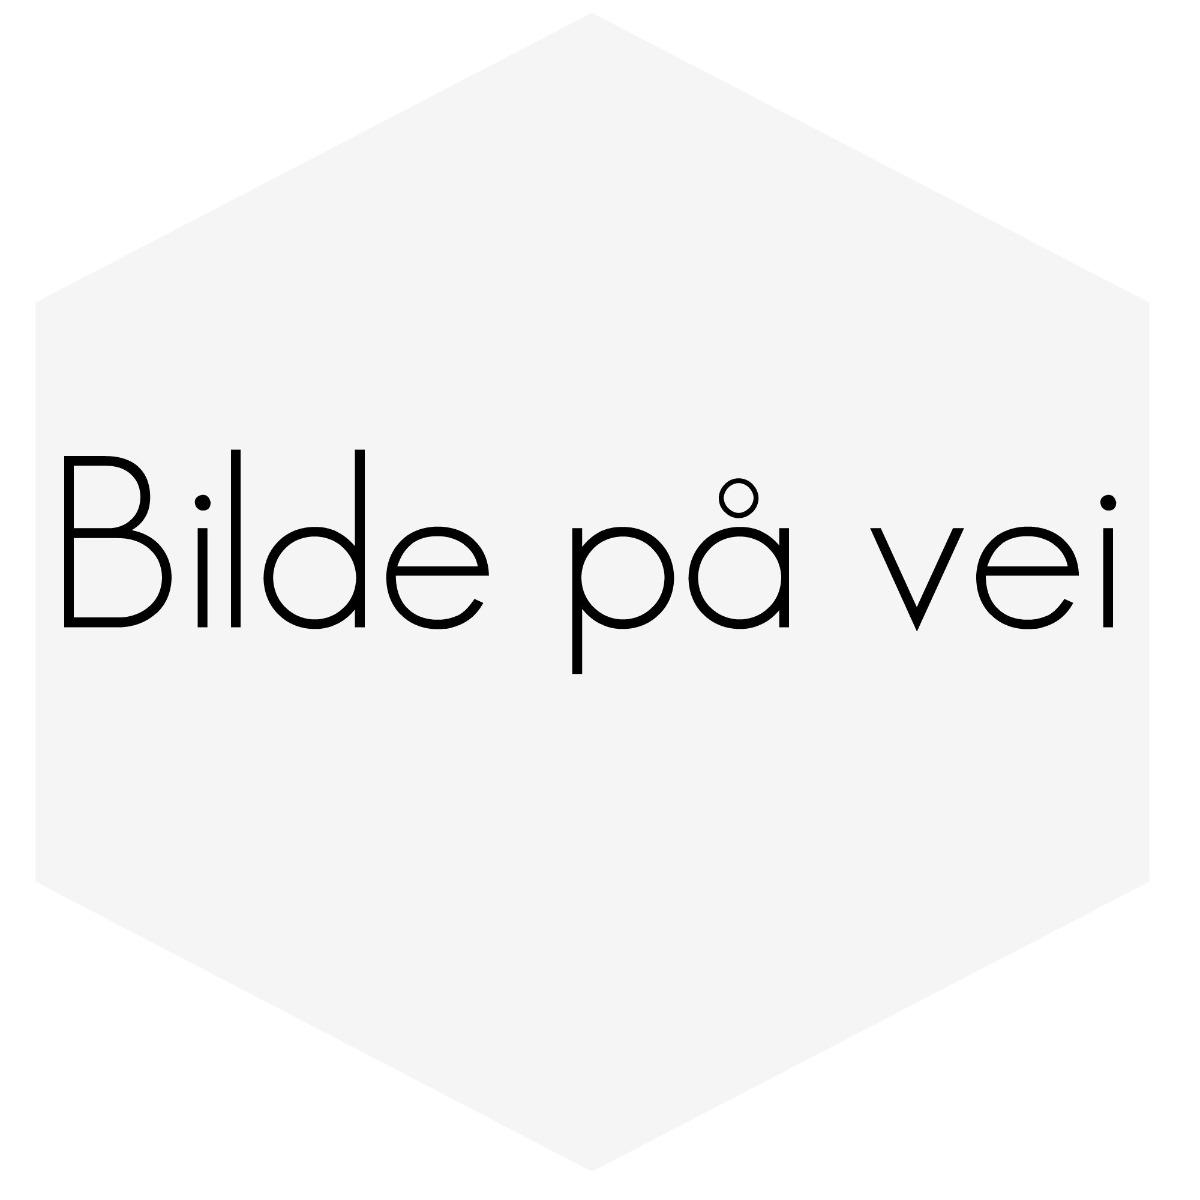 SKJERMBREDDERE JDM-STYLE SETT MED 2STK 9 CM